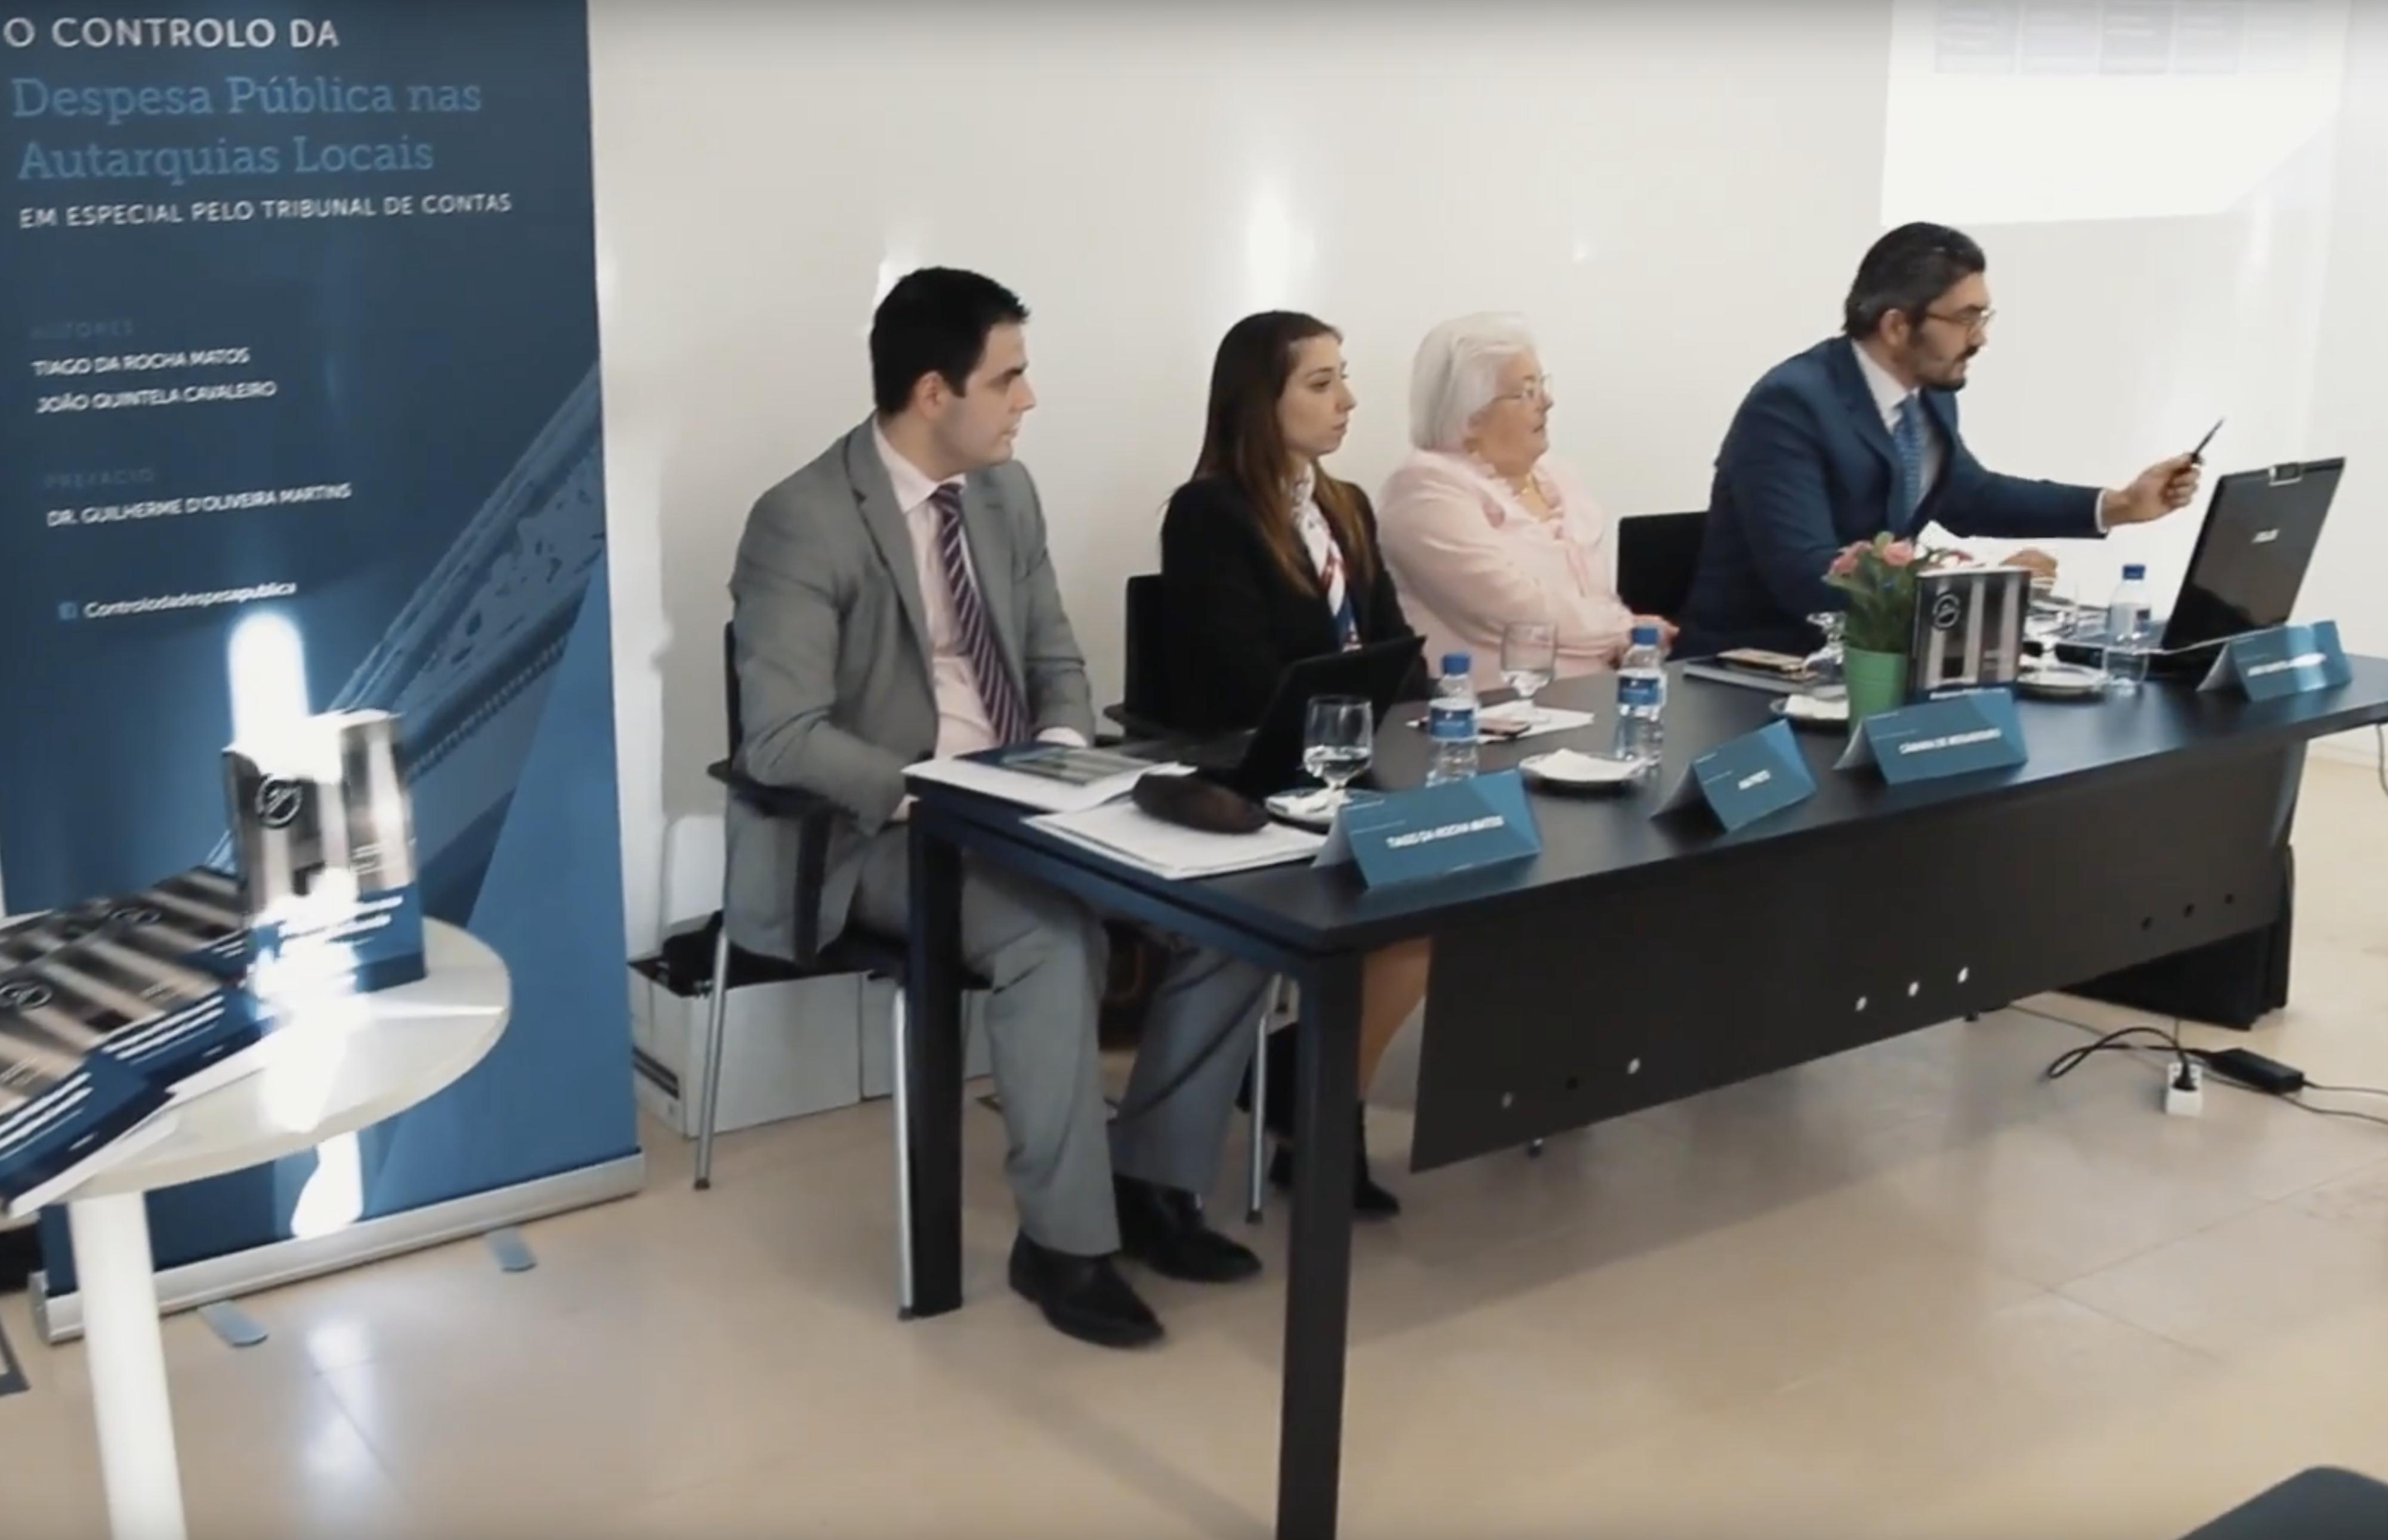 João Cavaleiro, Tiago Matos, Ana Preto e Pedro Seixas em Debate pelo Nordeste